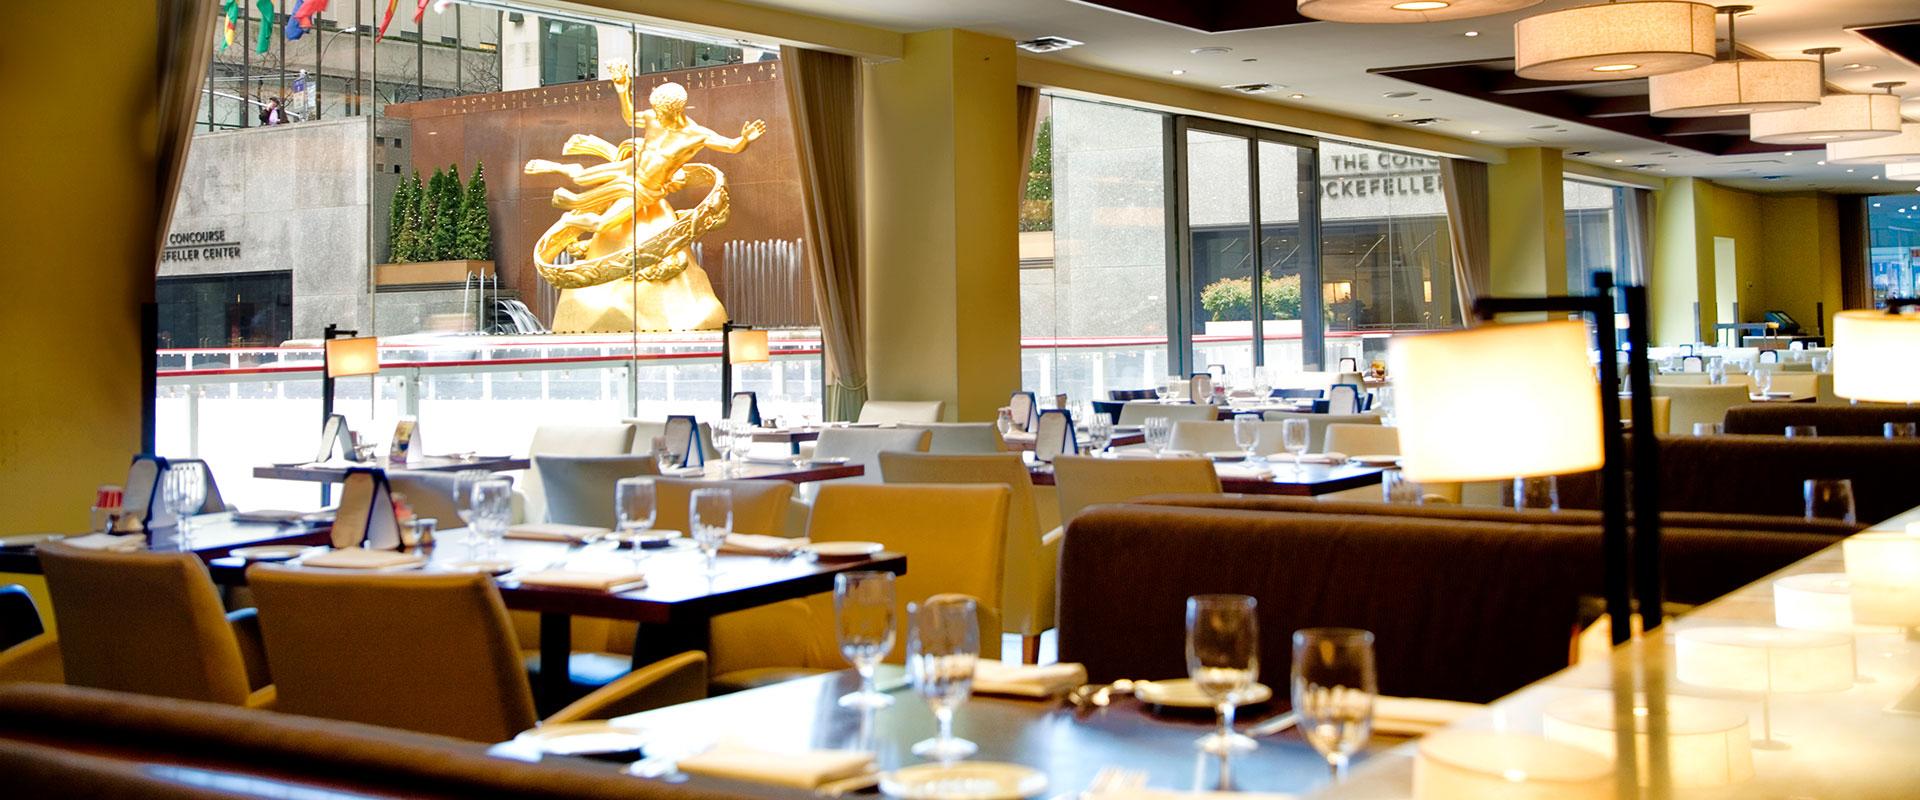 Restaurants Patina Group New York California Florida